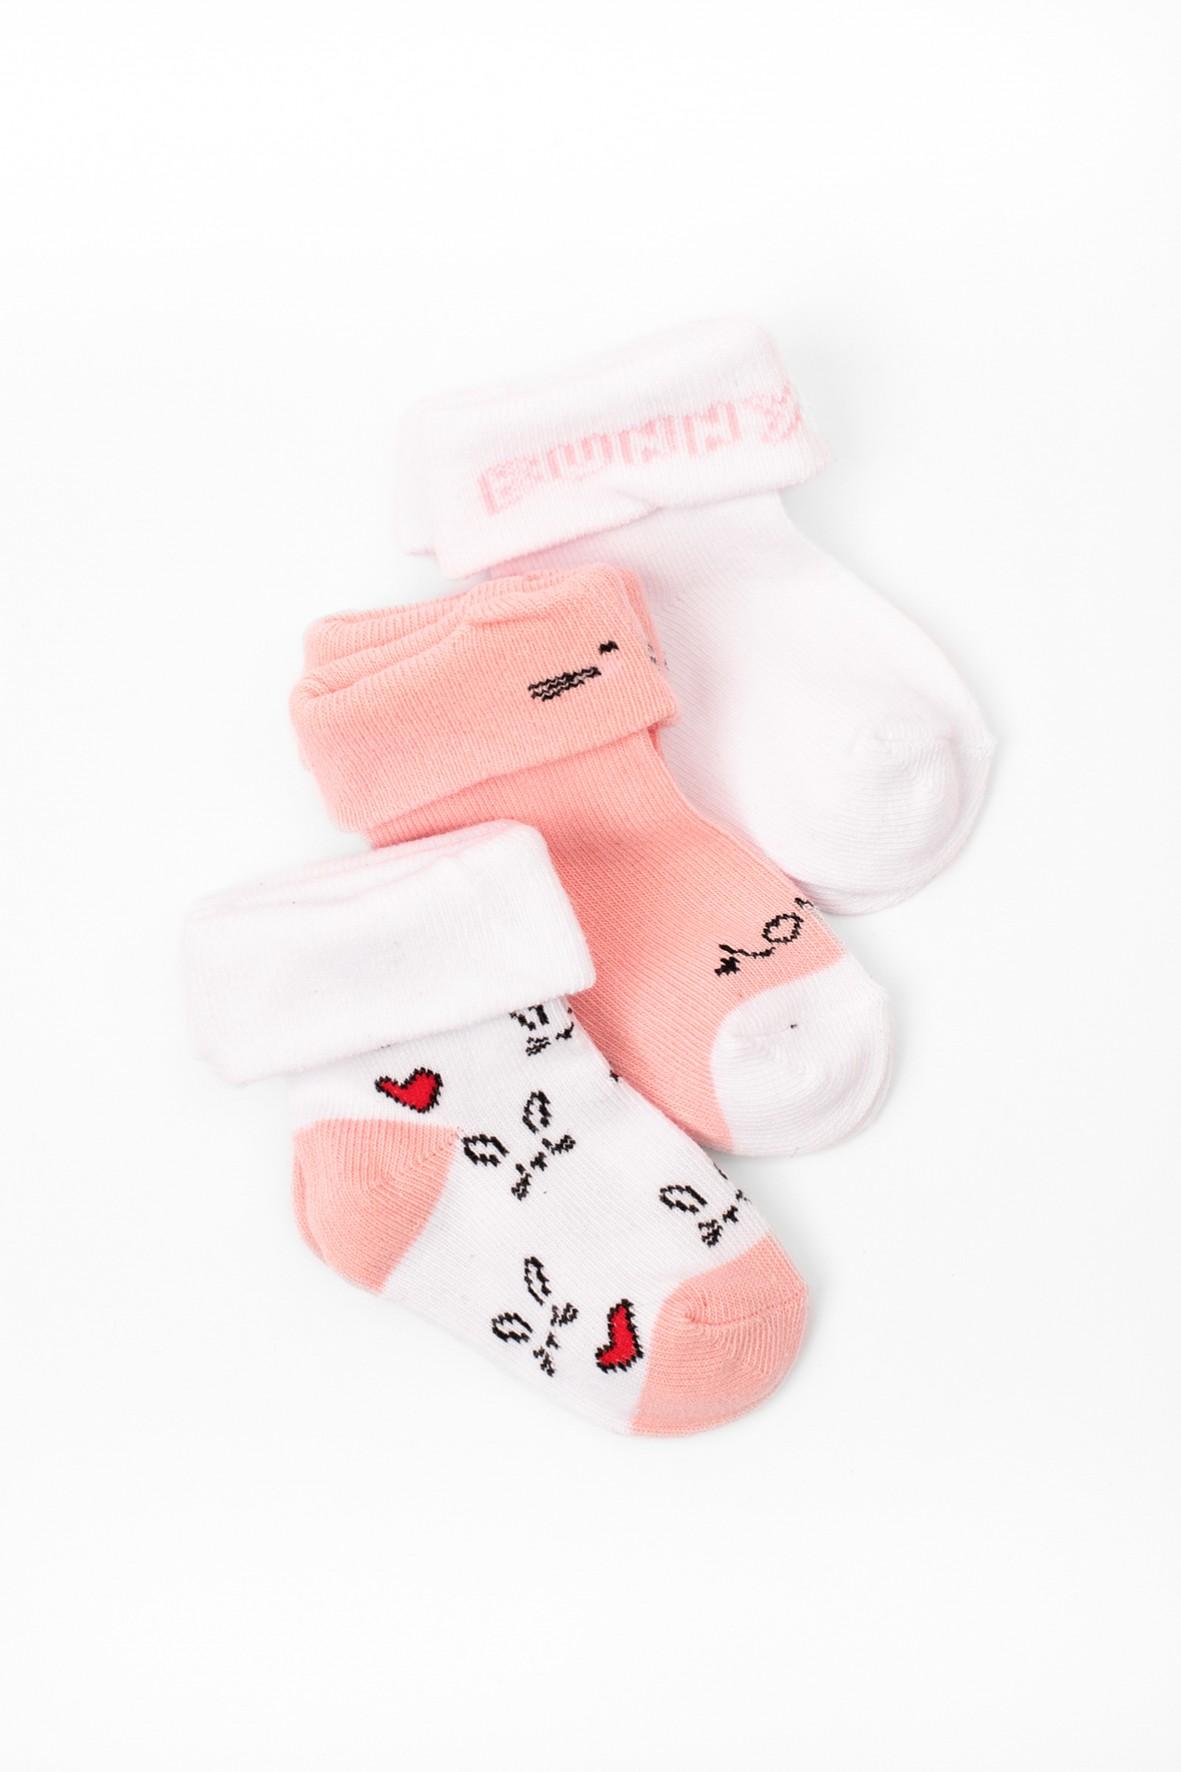 Skarpety dla niemowlaka 3-pak